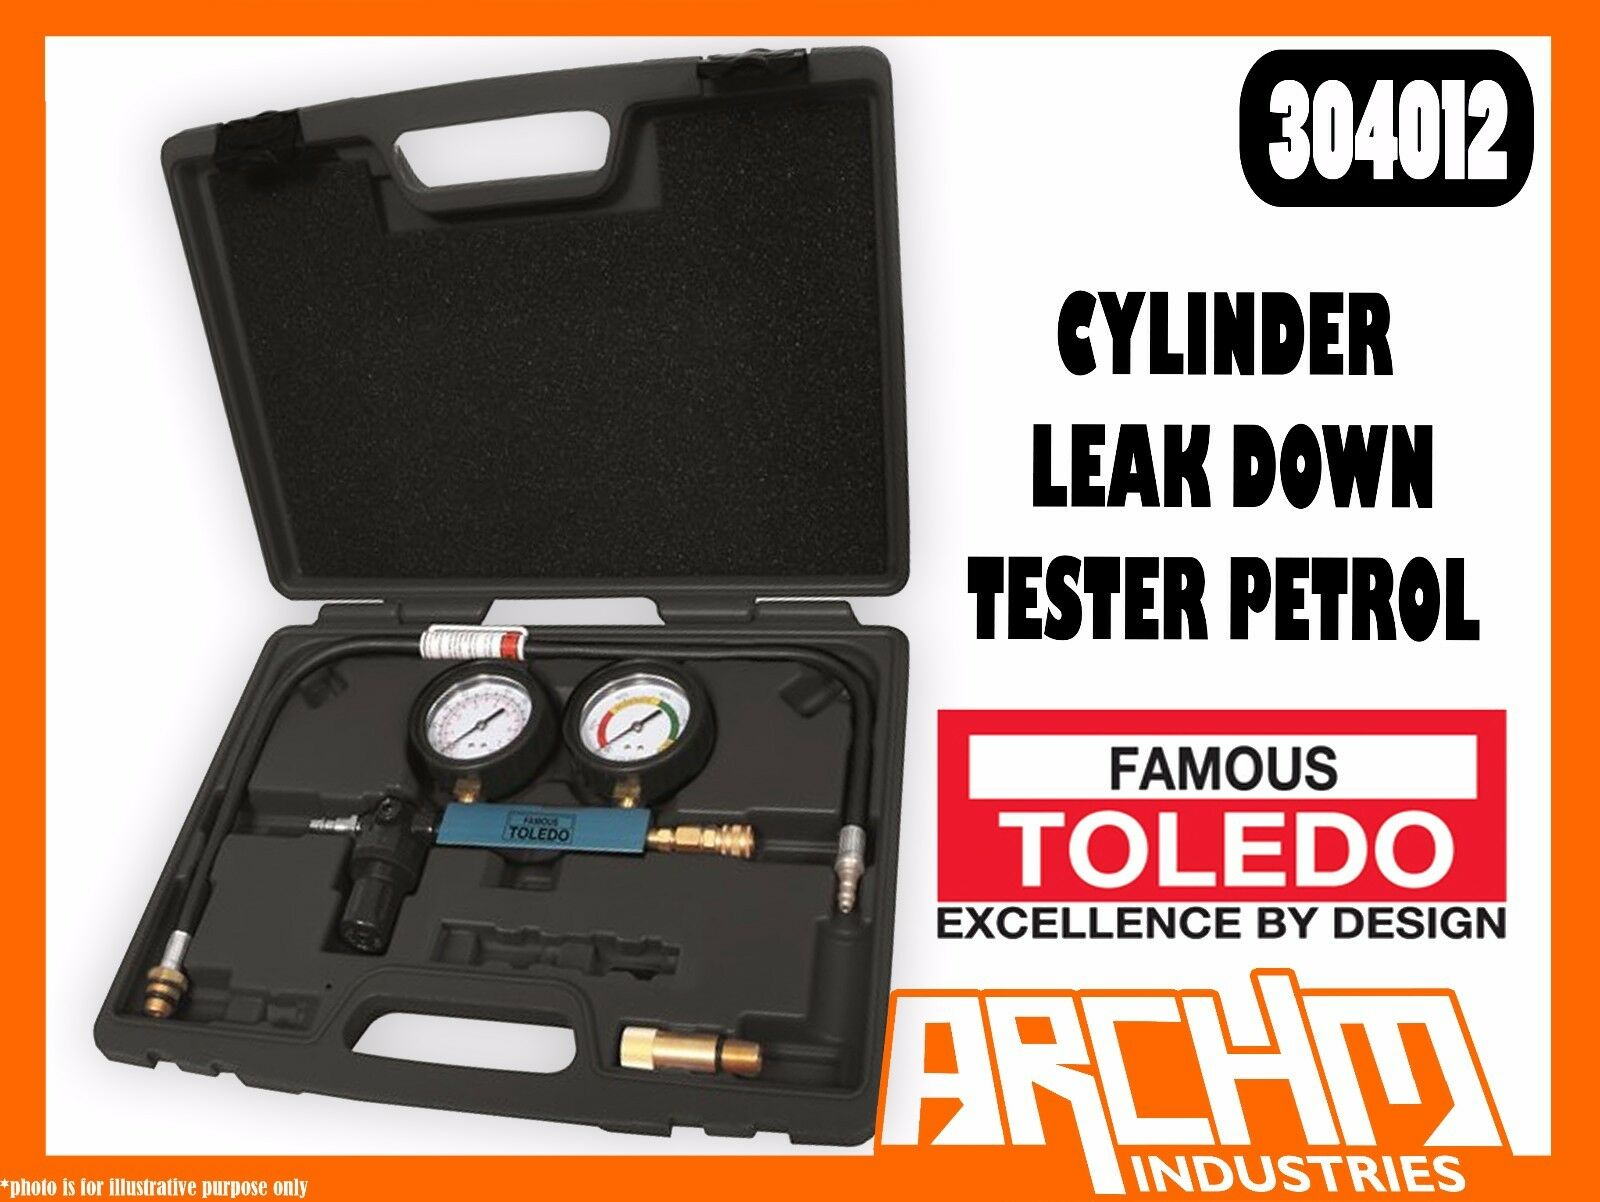 TOLEDO 304012 - CYLINDER LEAK DOWN TESTER TESTER TESTER PETROL - ENGINE COMBUSTION PRESSURE 5d55d7